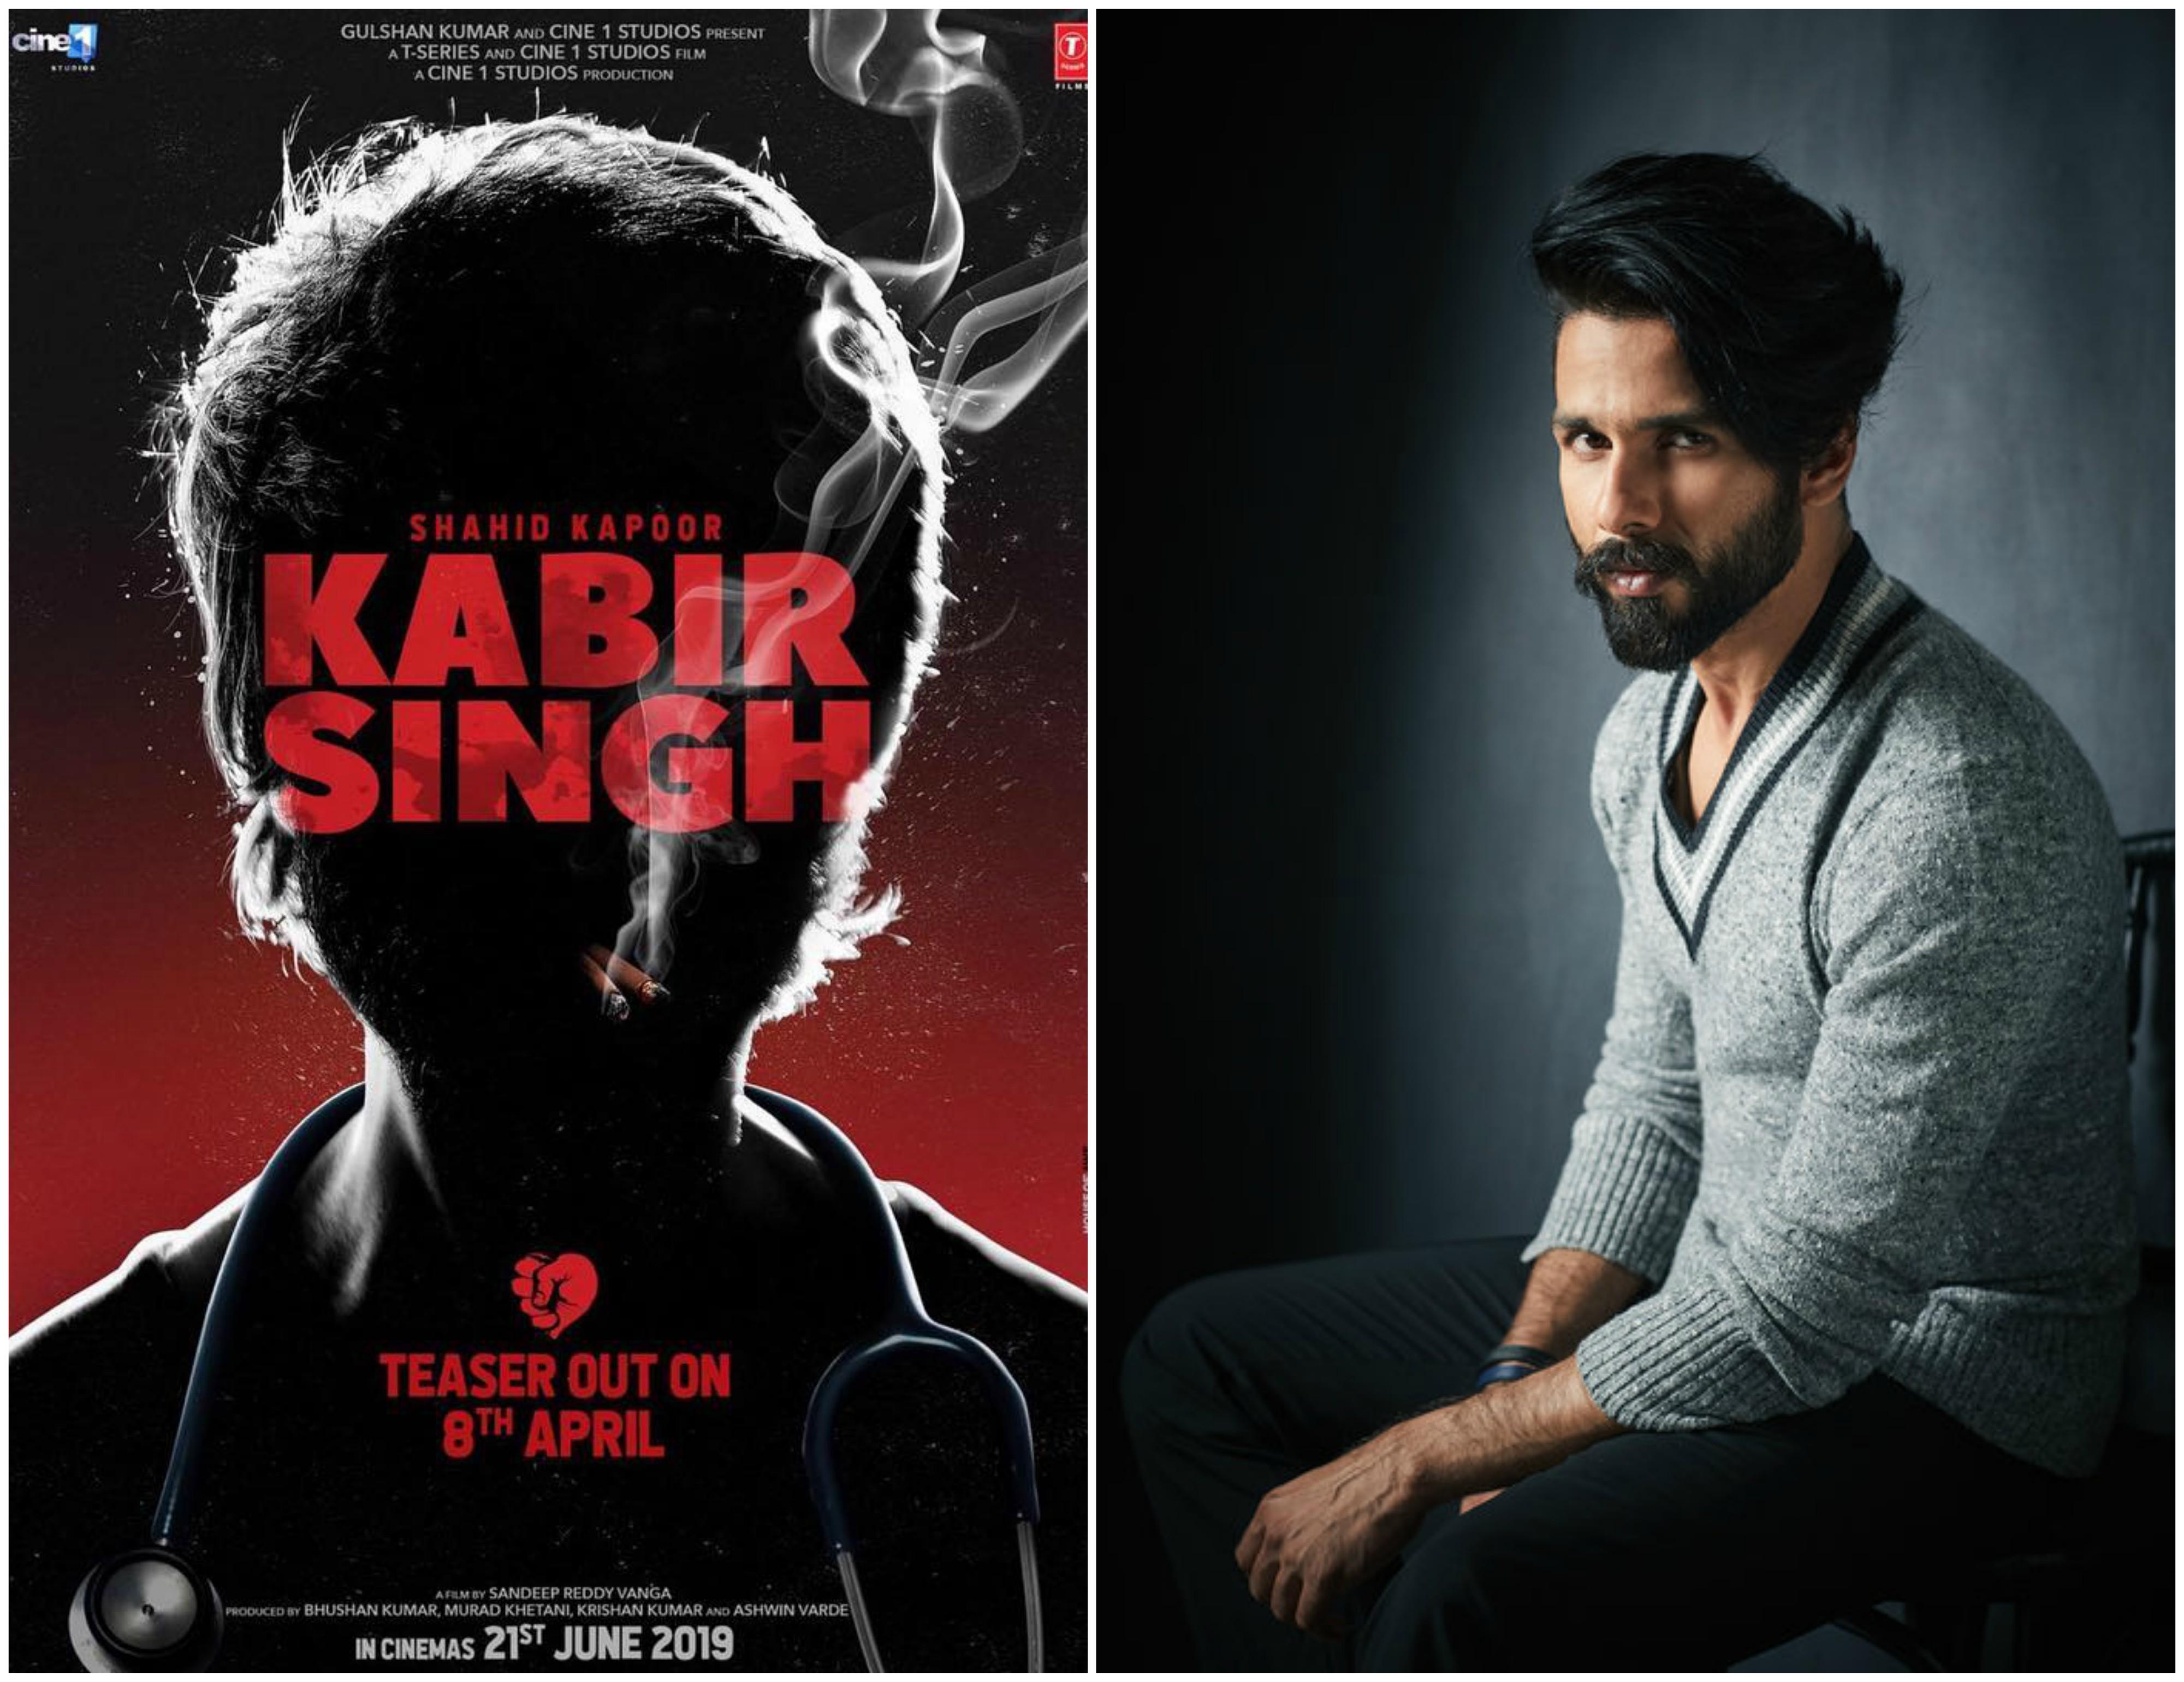 Teaser poster of Kabir Singh starring Shahid Kapoor